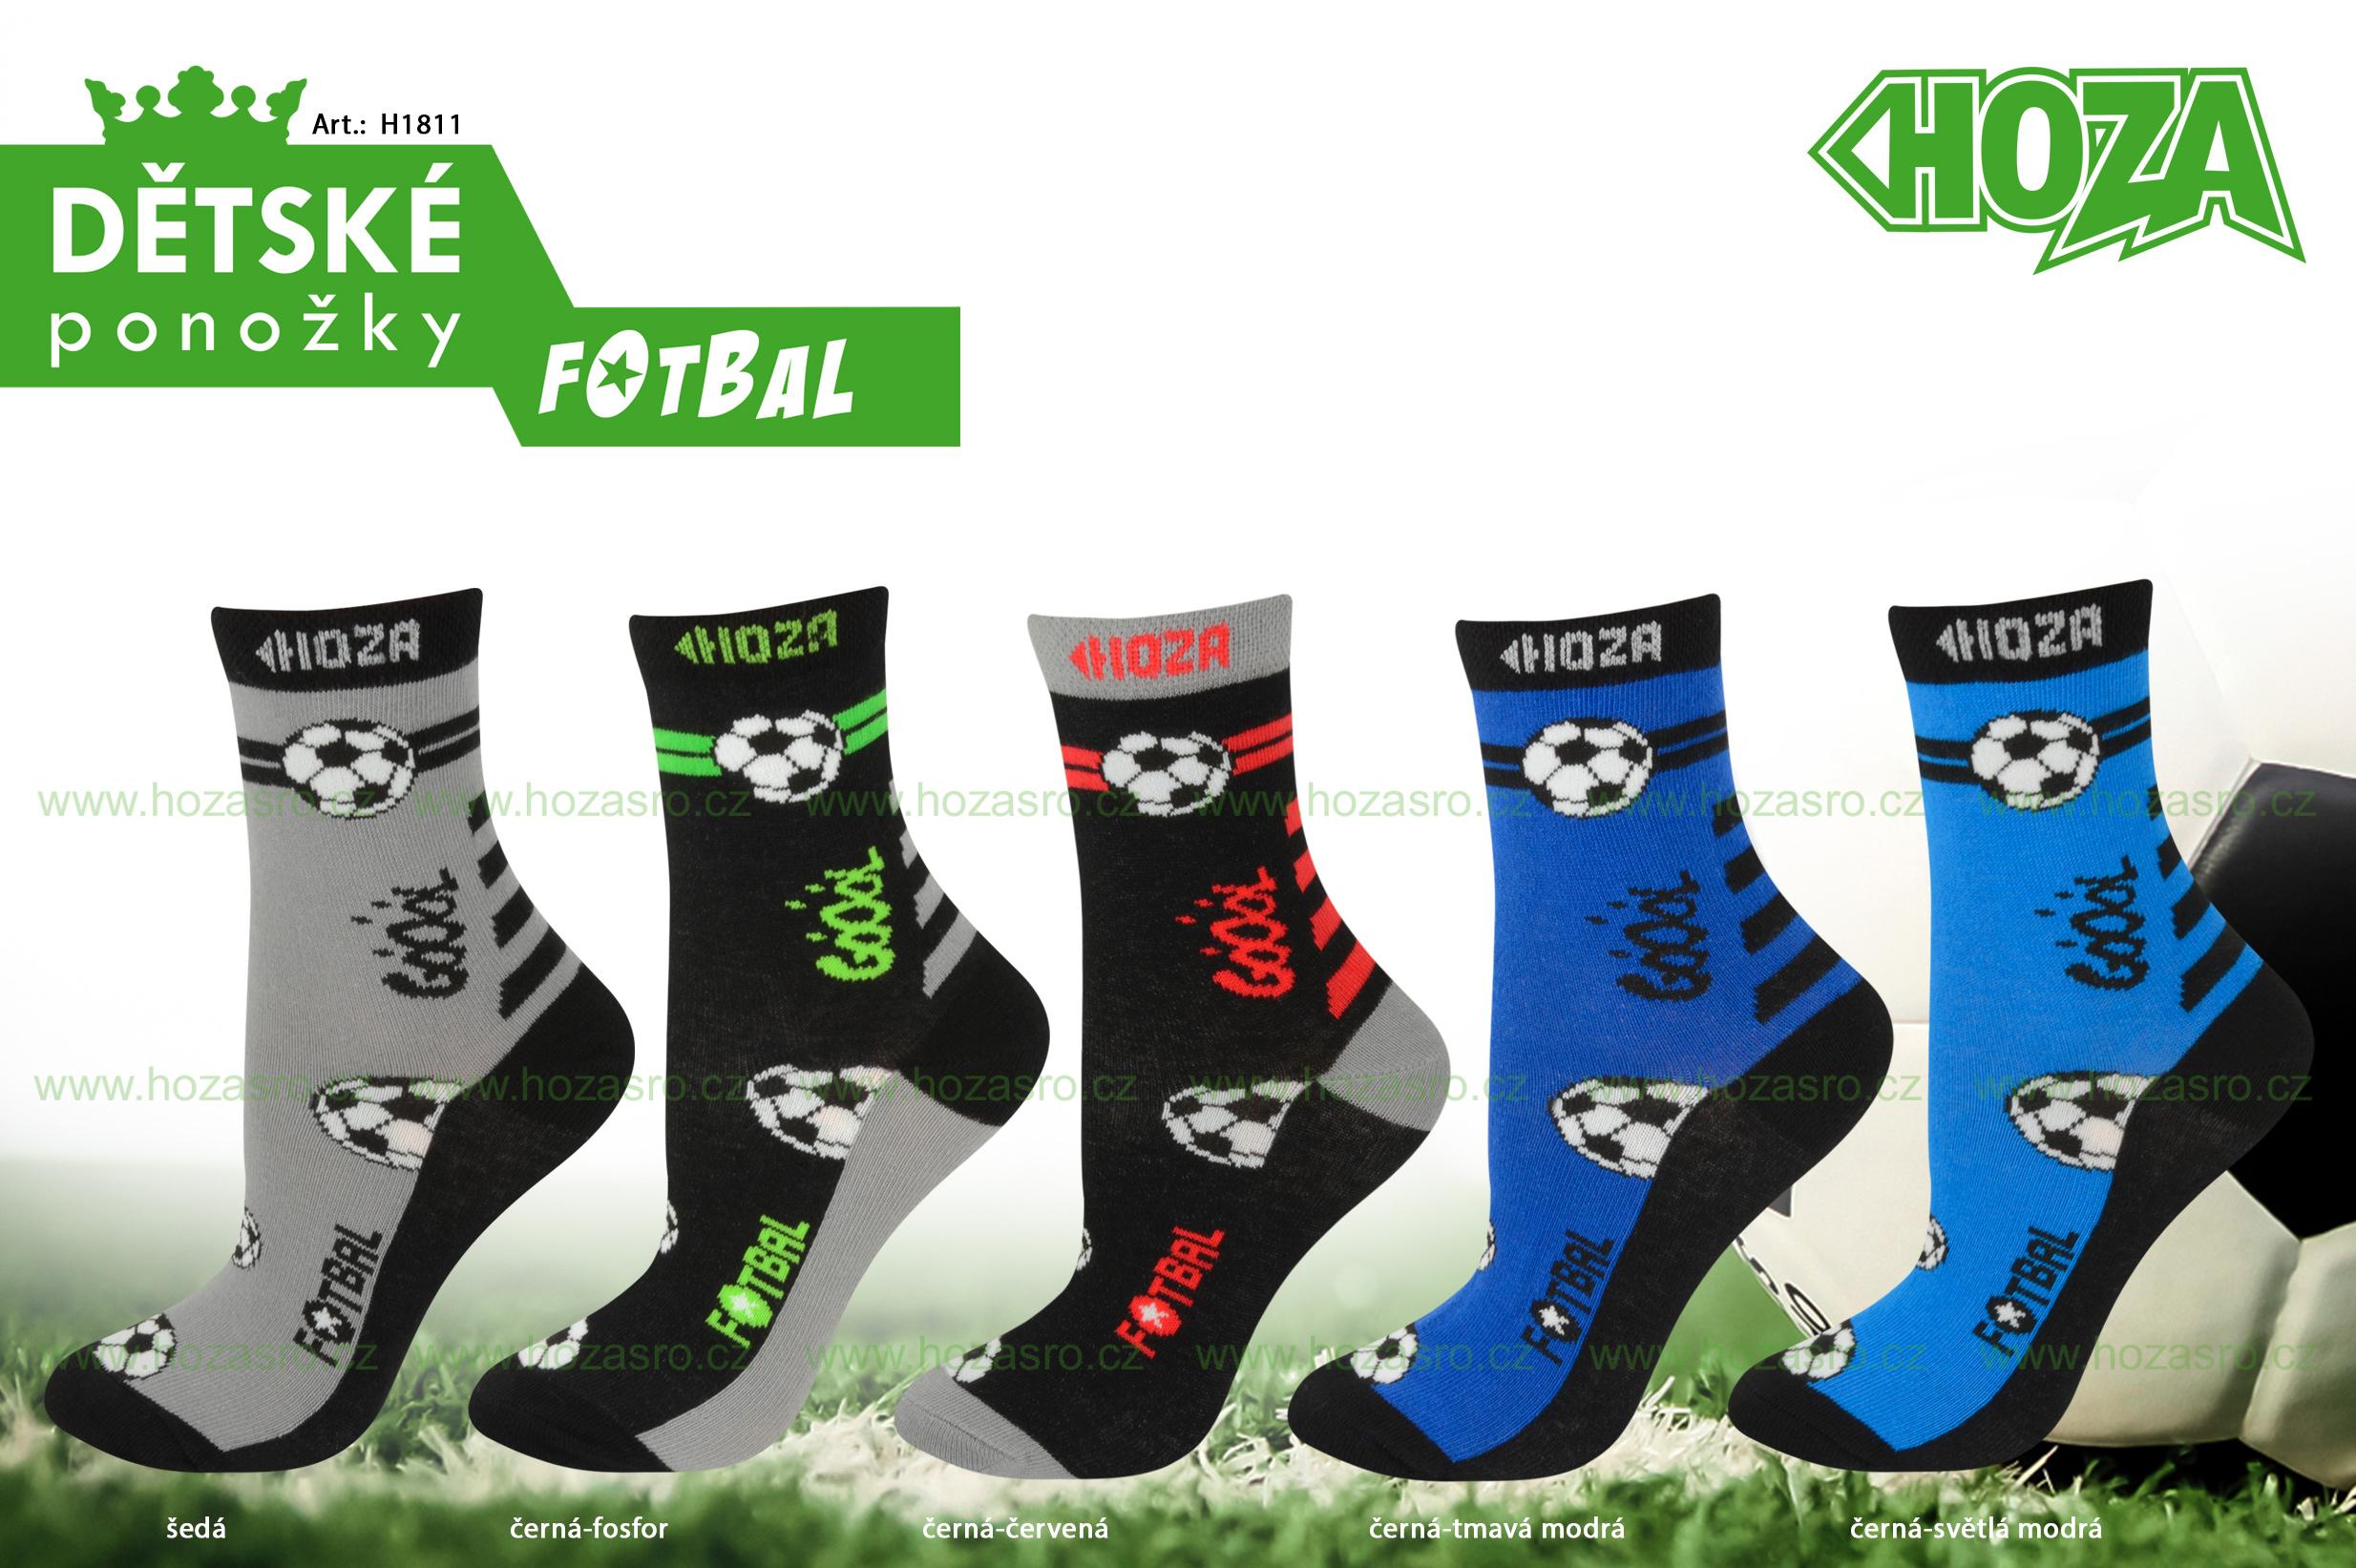 Dětské ponožky HOZA s elastanem - Fotbal - H1811